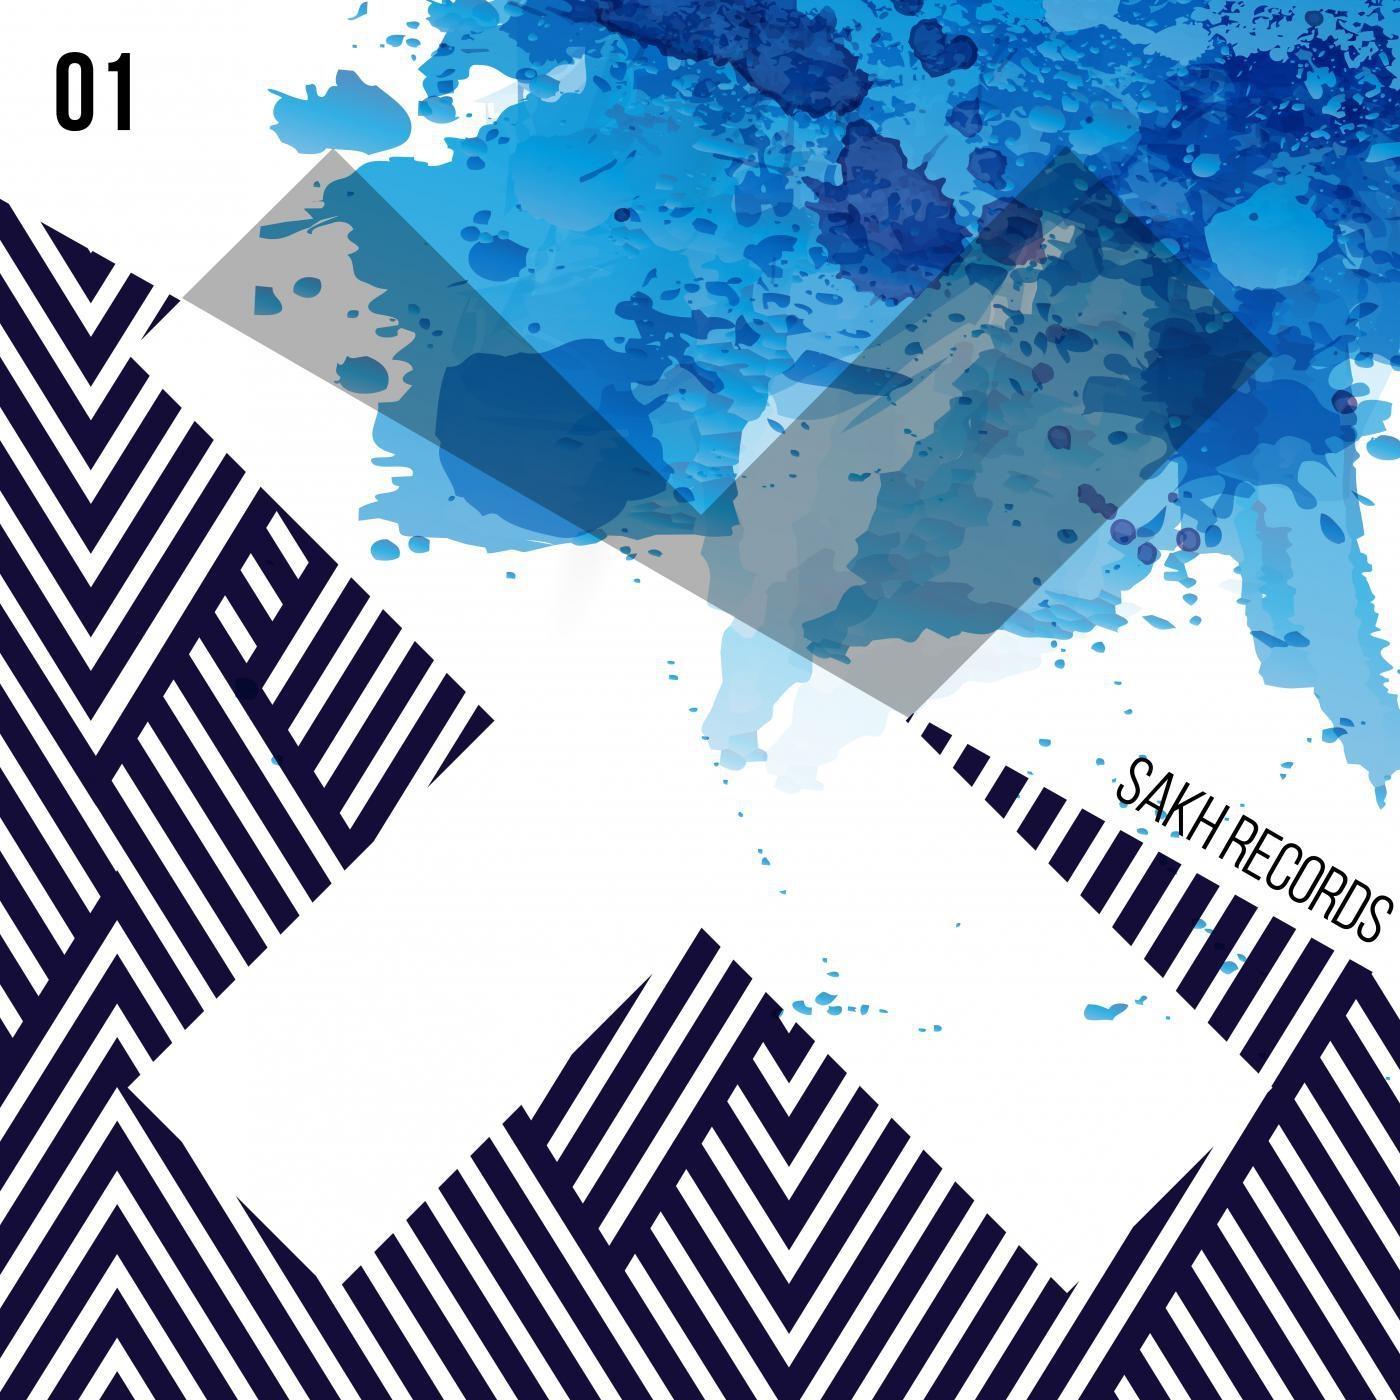 C2U - Vegas (John Ming Remix)